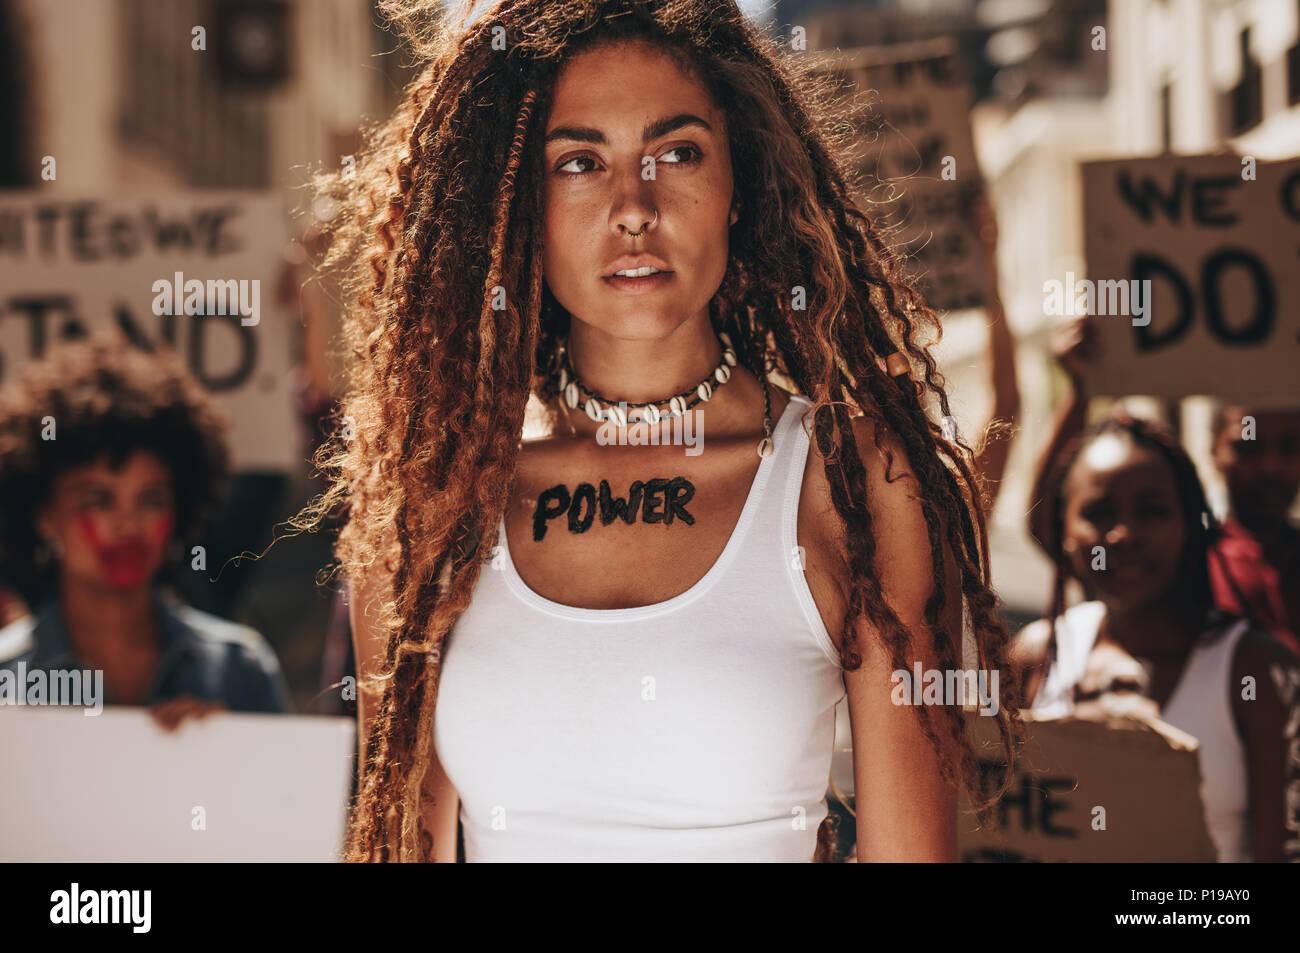 Junge Frau, die im Freien mit einer Gruppe von Aktivisten im Hintergrund. Frau mit Word Power auf der Brust geschrieben und weg schauen. Stockbild